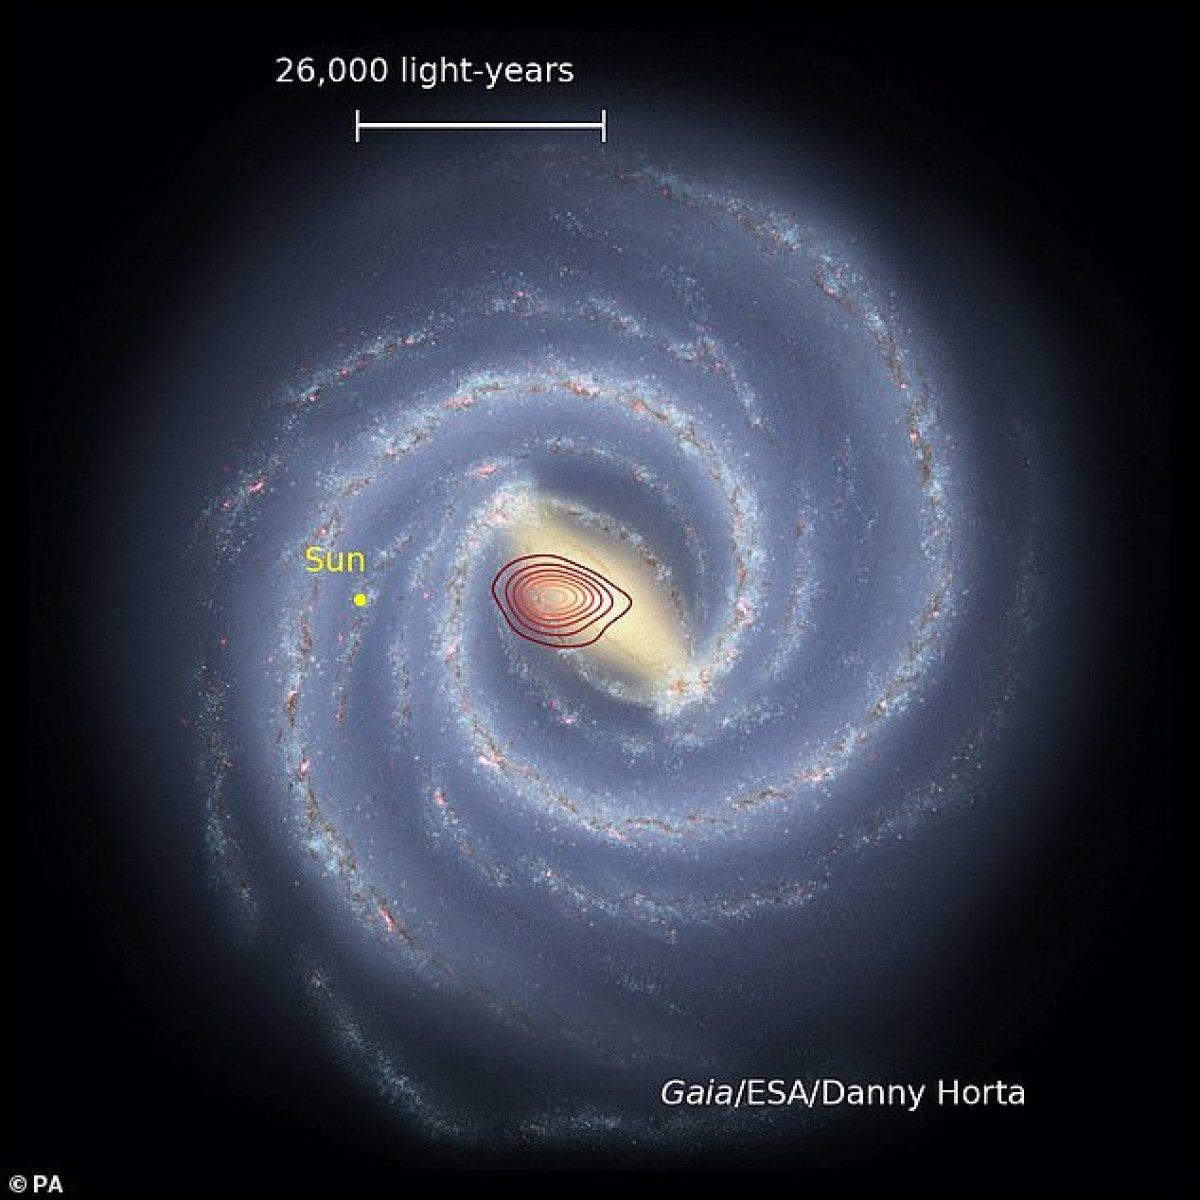 Samanyolu'nun derinliklerine gizlenmiş yeni bir galaksi keşfedildi